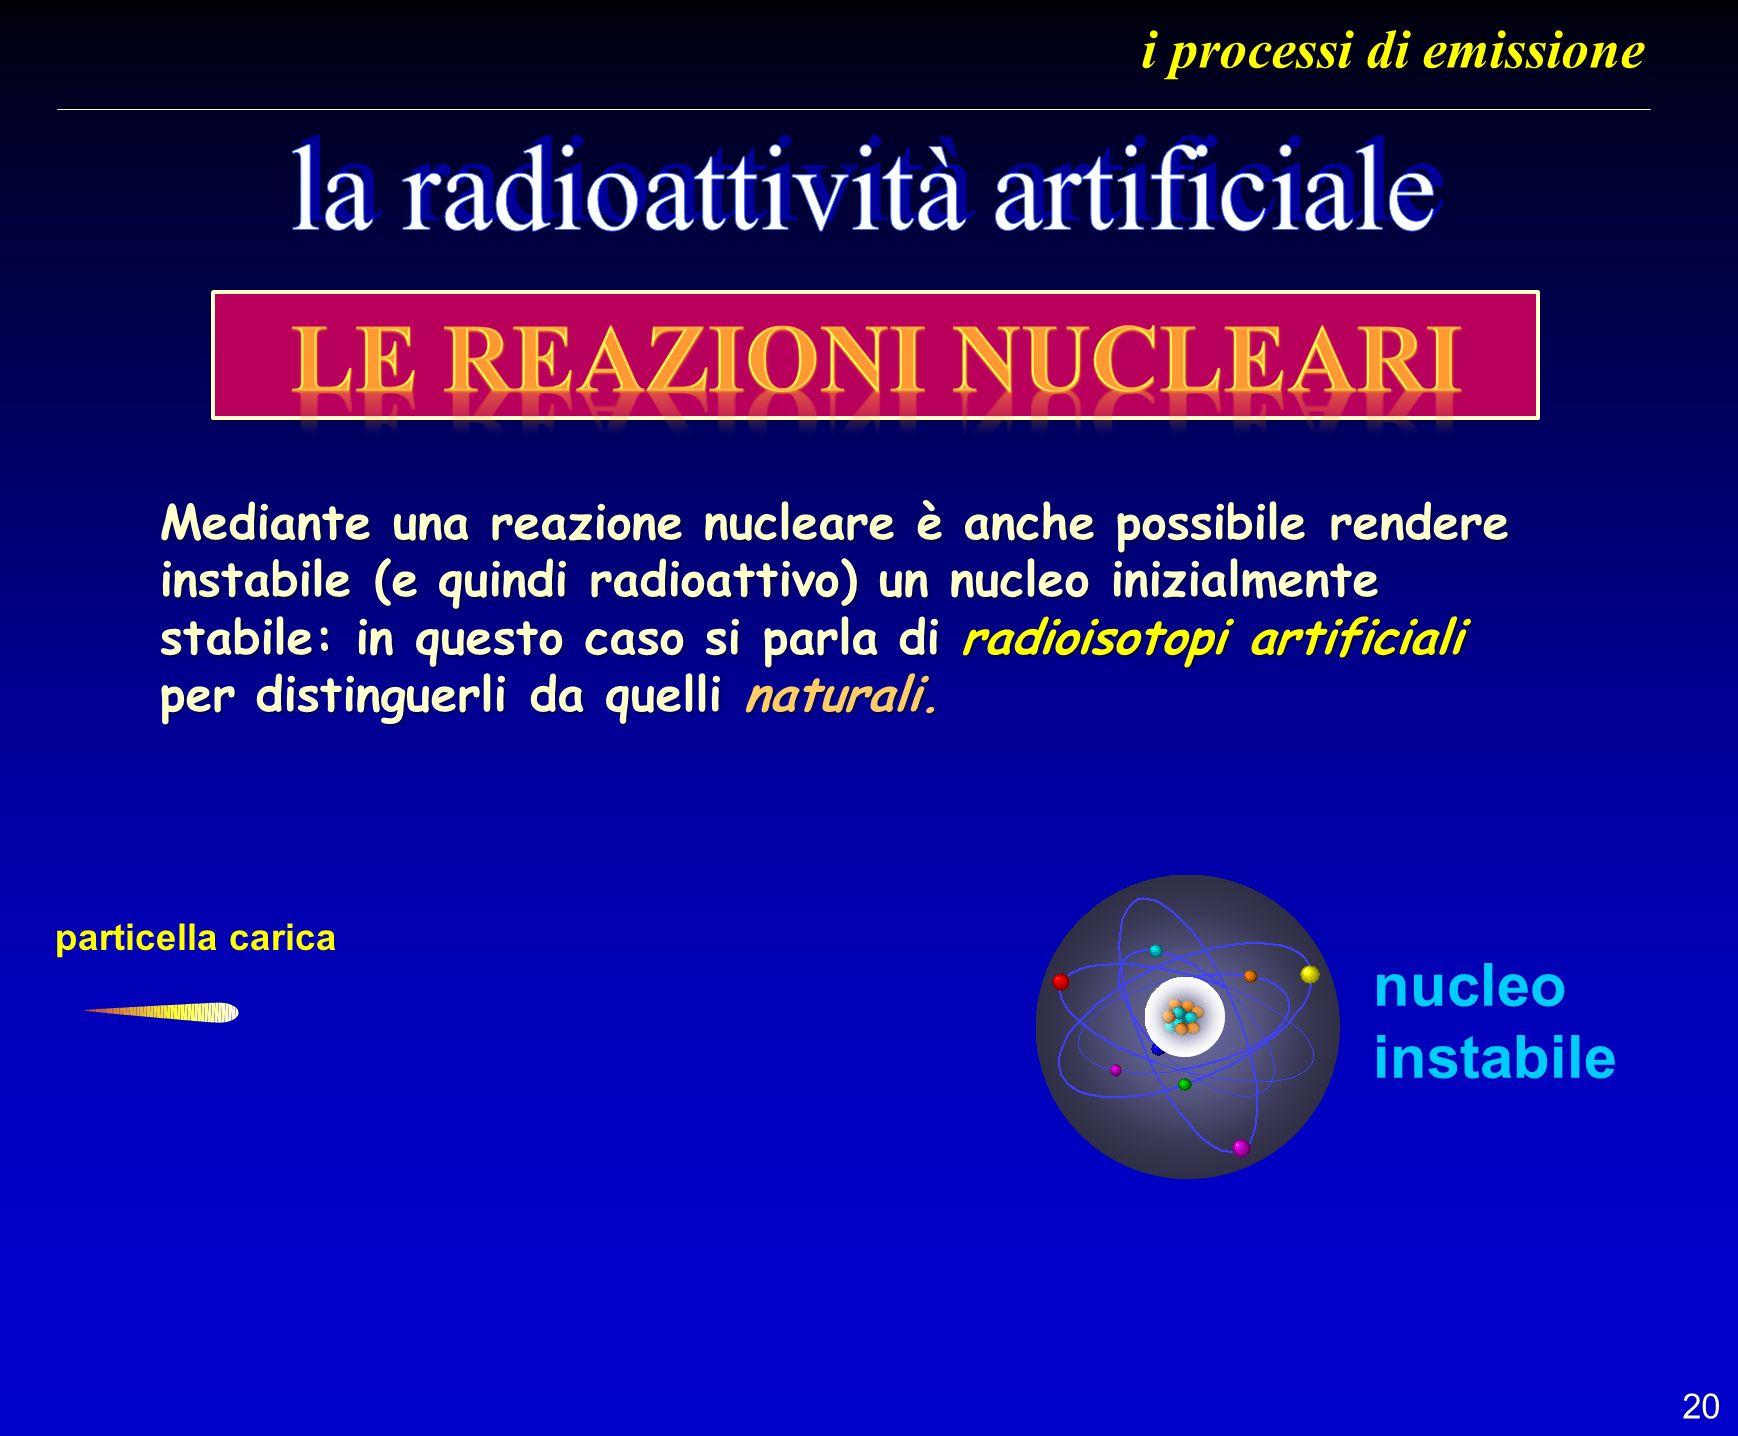 20 i processi di emissione particella carica nucleo instabile Mediante una reazione nucleare è anche possibile rendere instabile (e quindi radioattivo